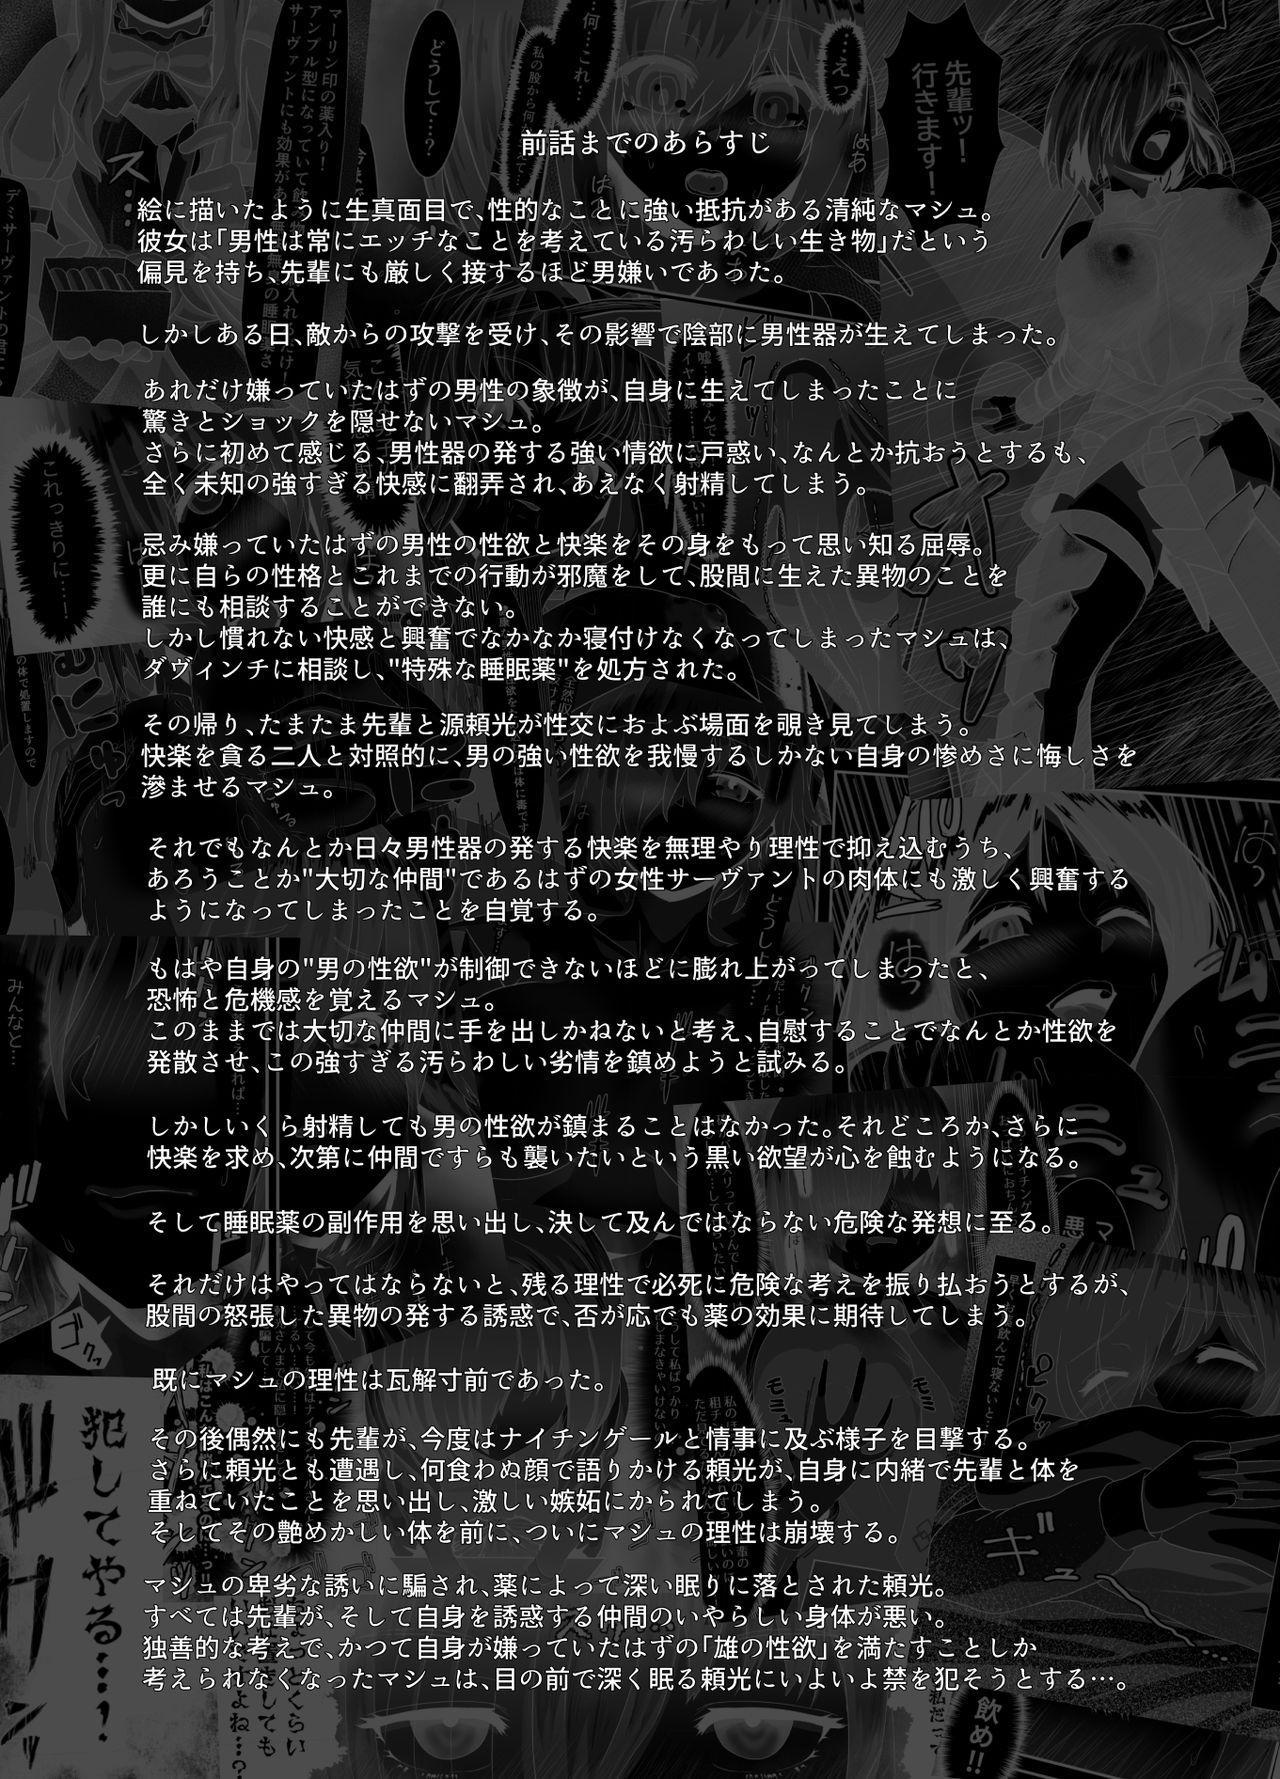 [Sadalsuud (Hoshiaka)] Seijun datta Hazu no Mashu wa Futanari no Yuuwaku ni Ochiru Dai-4-wa (Fate/Grand Order) [Chinese] [不咕鸟汉化组] 1